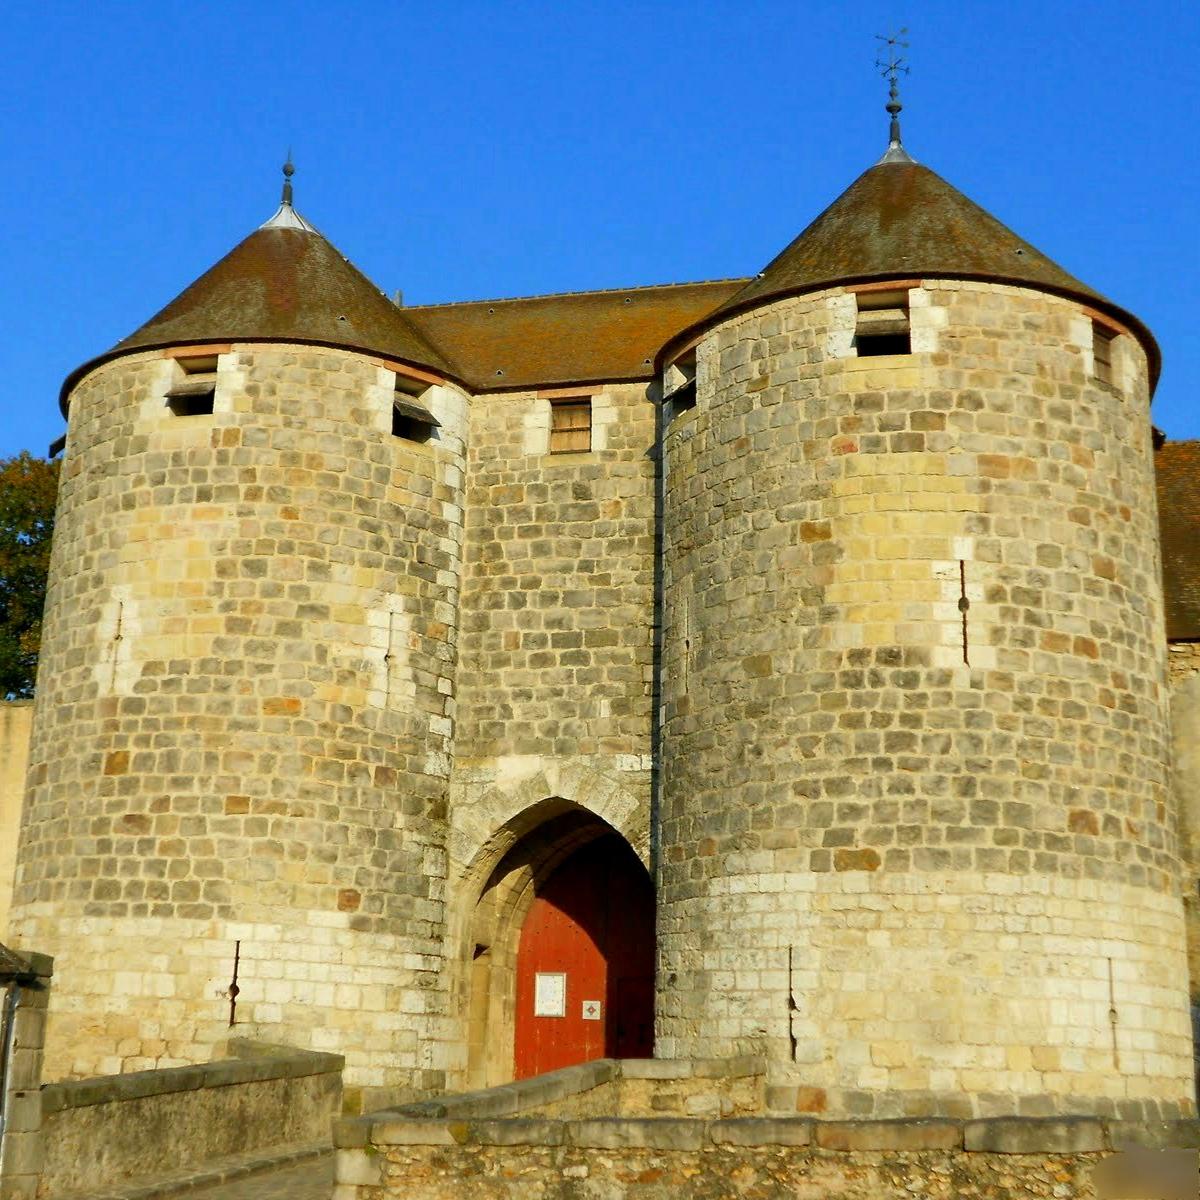 Entrée gratuite au Musée du Château de Dourdan (91)